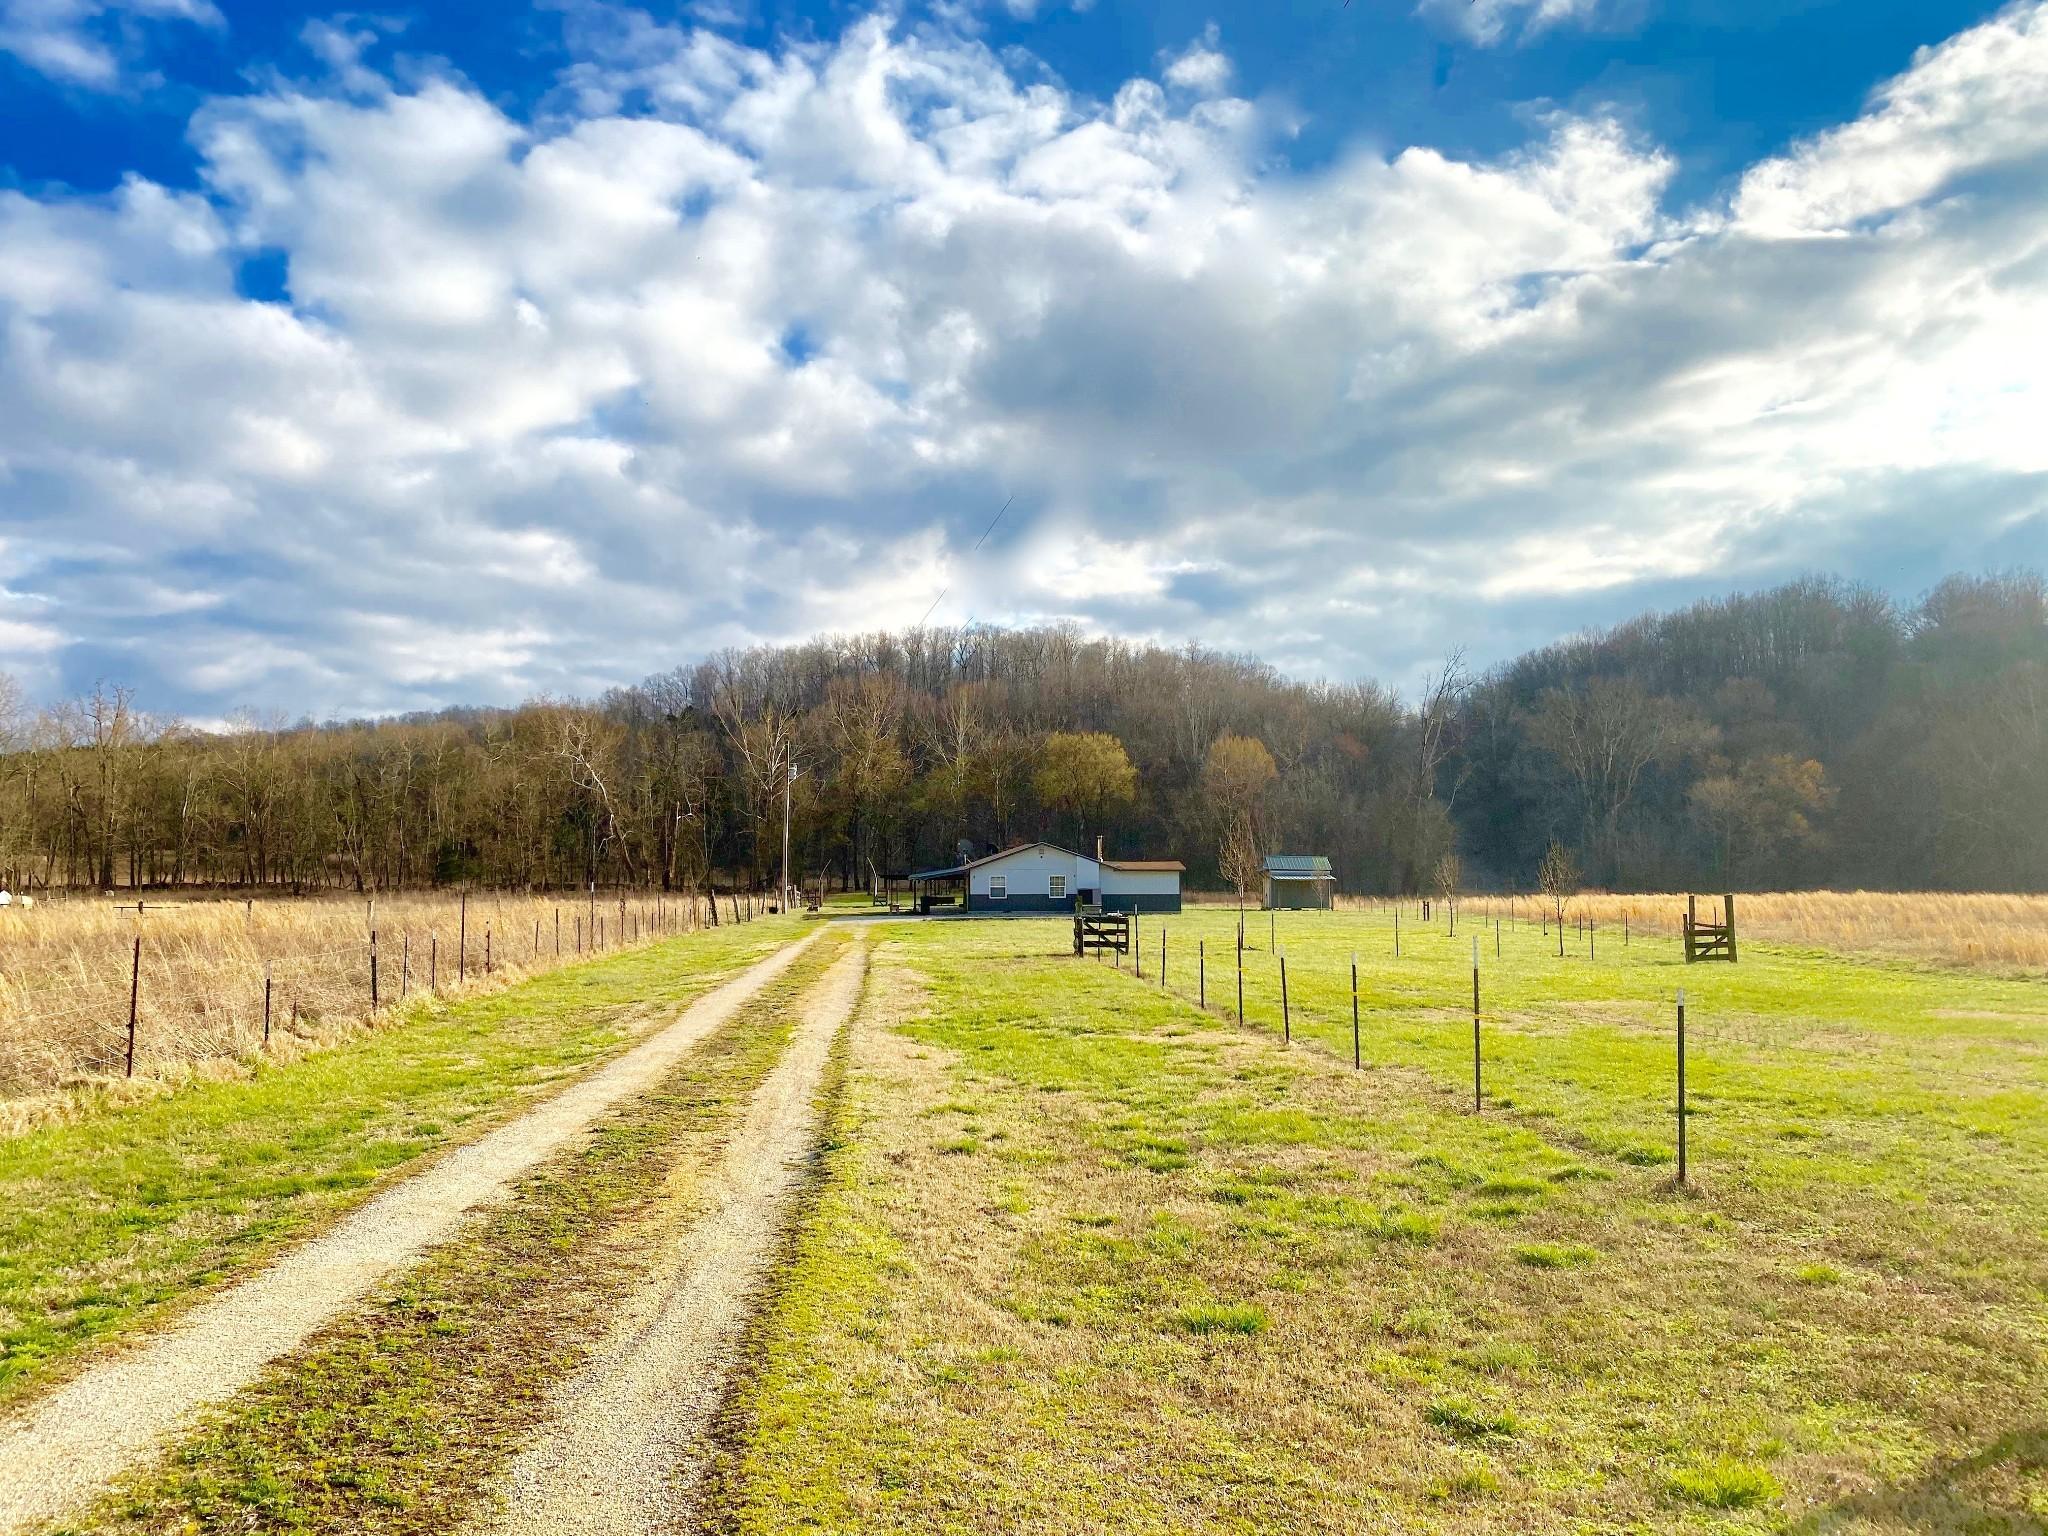 4521 Highway 230, W, Nunnelly, TN 37137 - Nunnelly, TN real estate listing